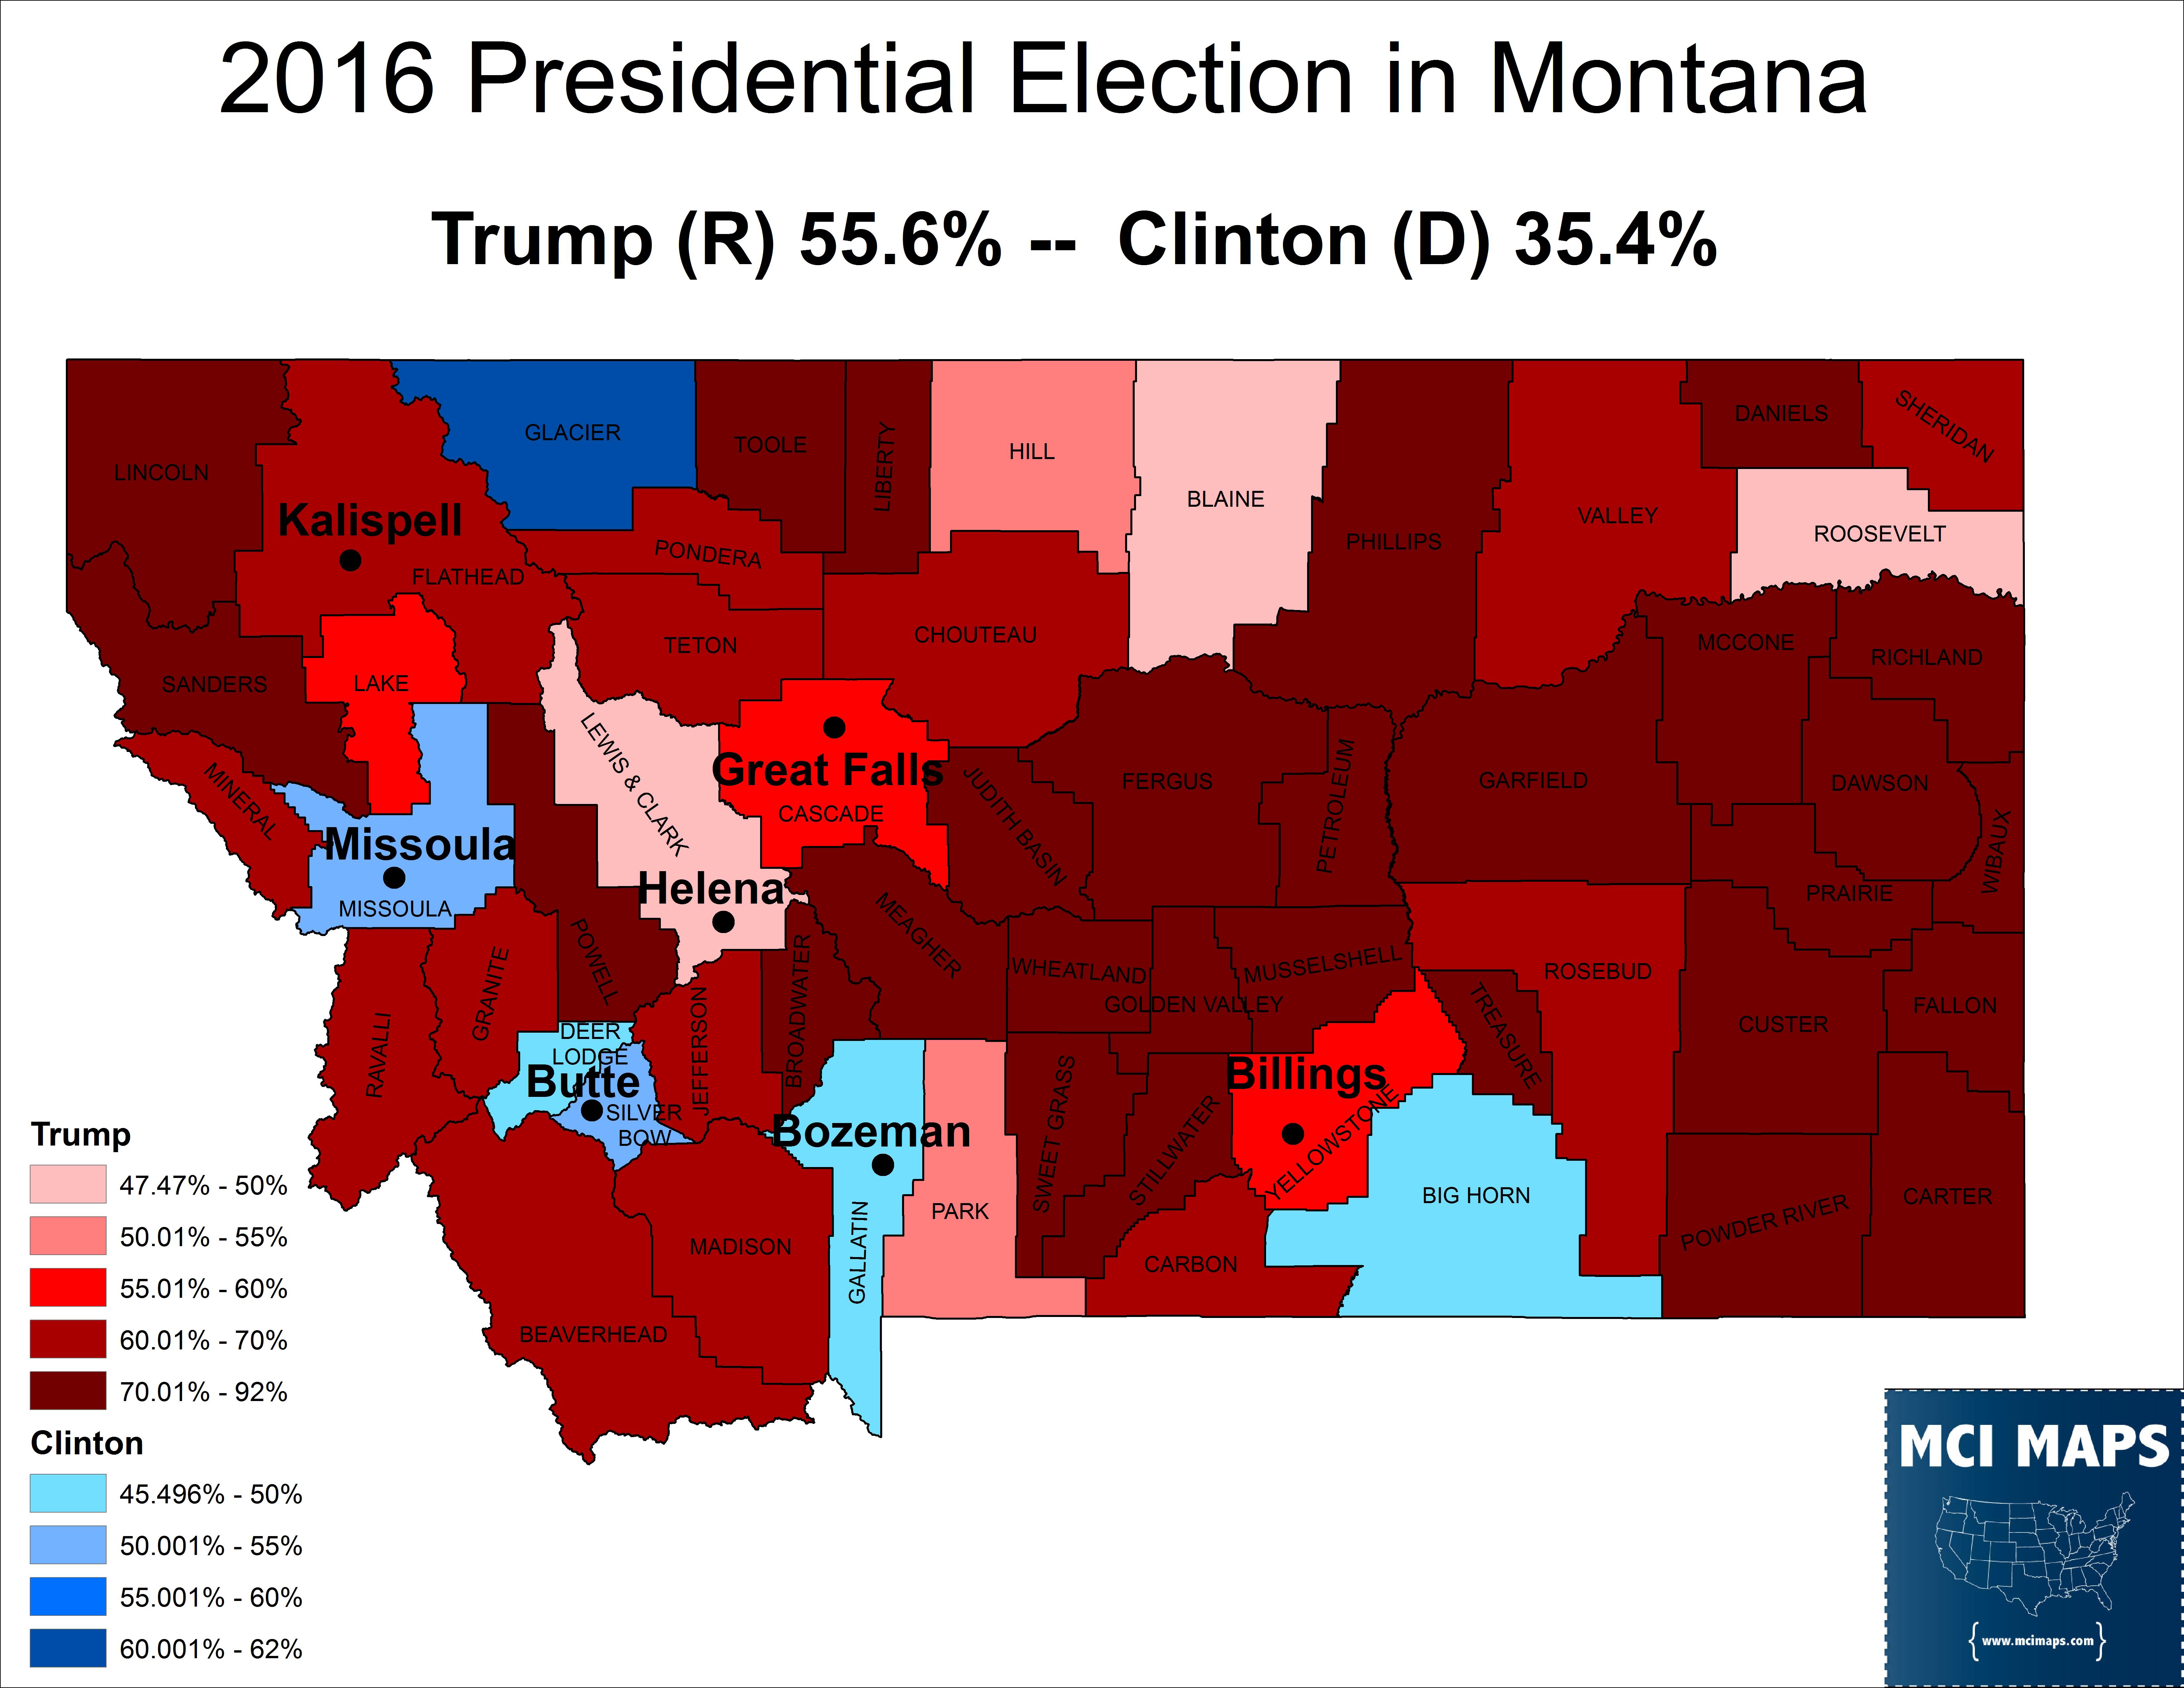 Montana 2016 Pres